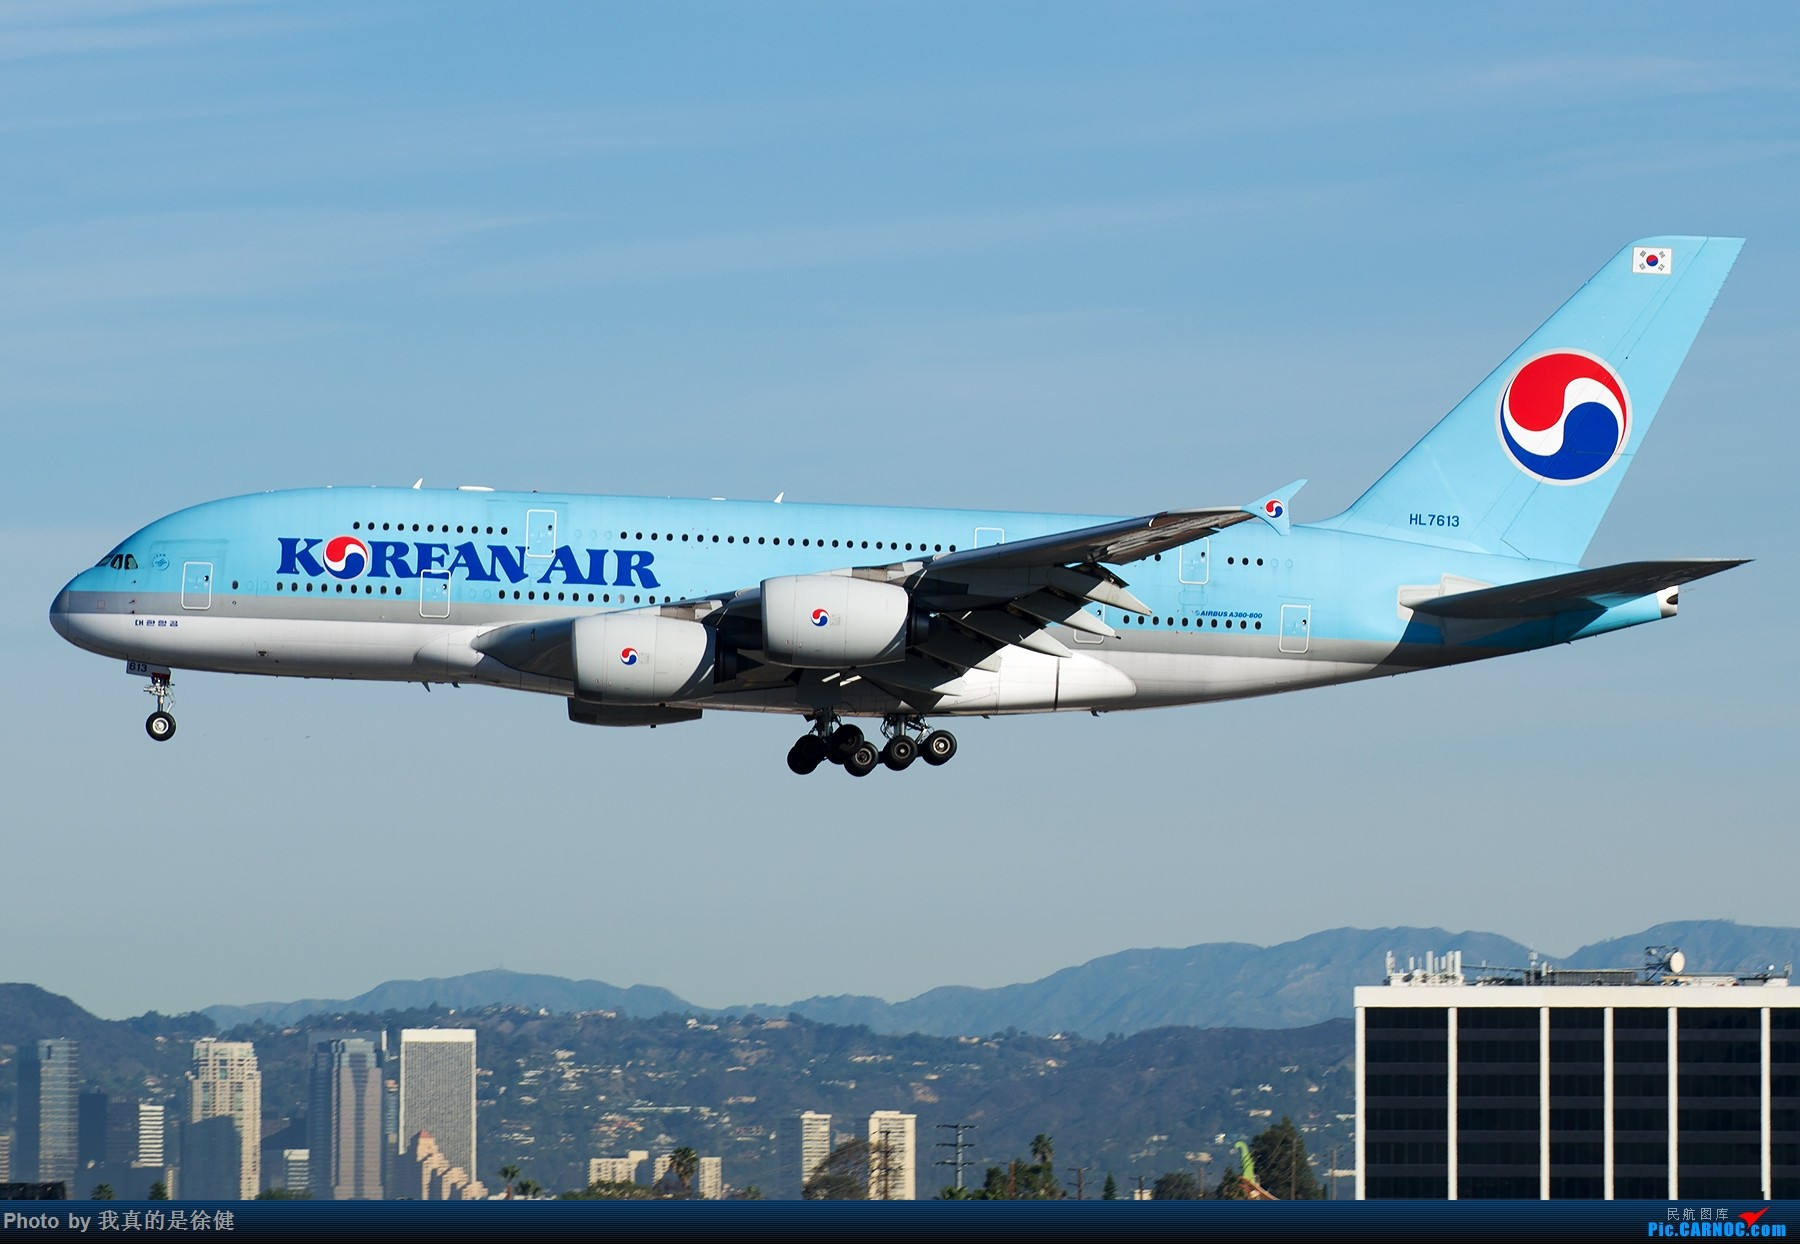 [原创]【多图党】1800x1200 LAX双棒思密达 AIRBUS A380-800 HL7613 美国洛杉矶机场